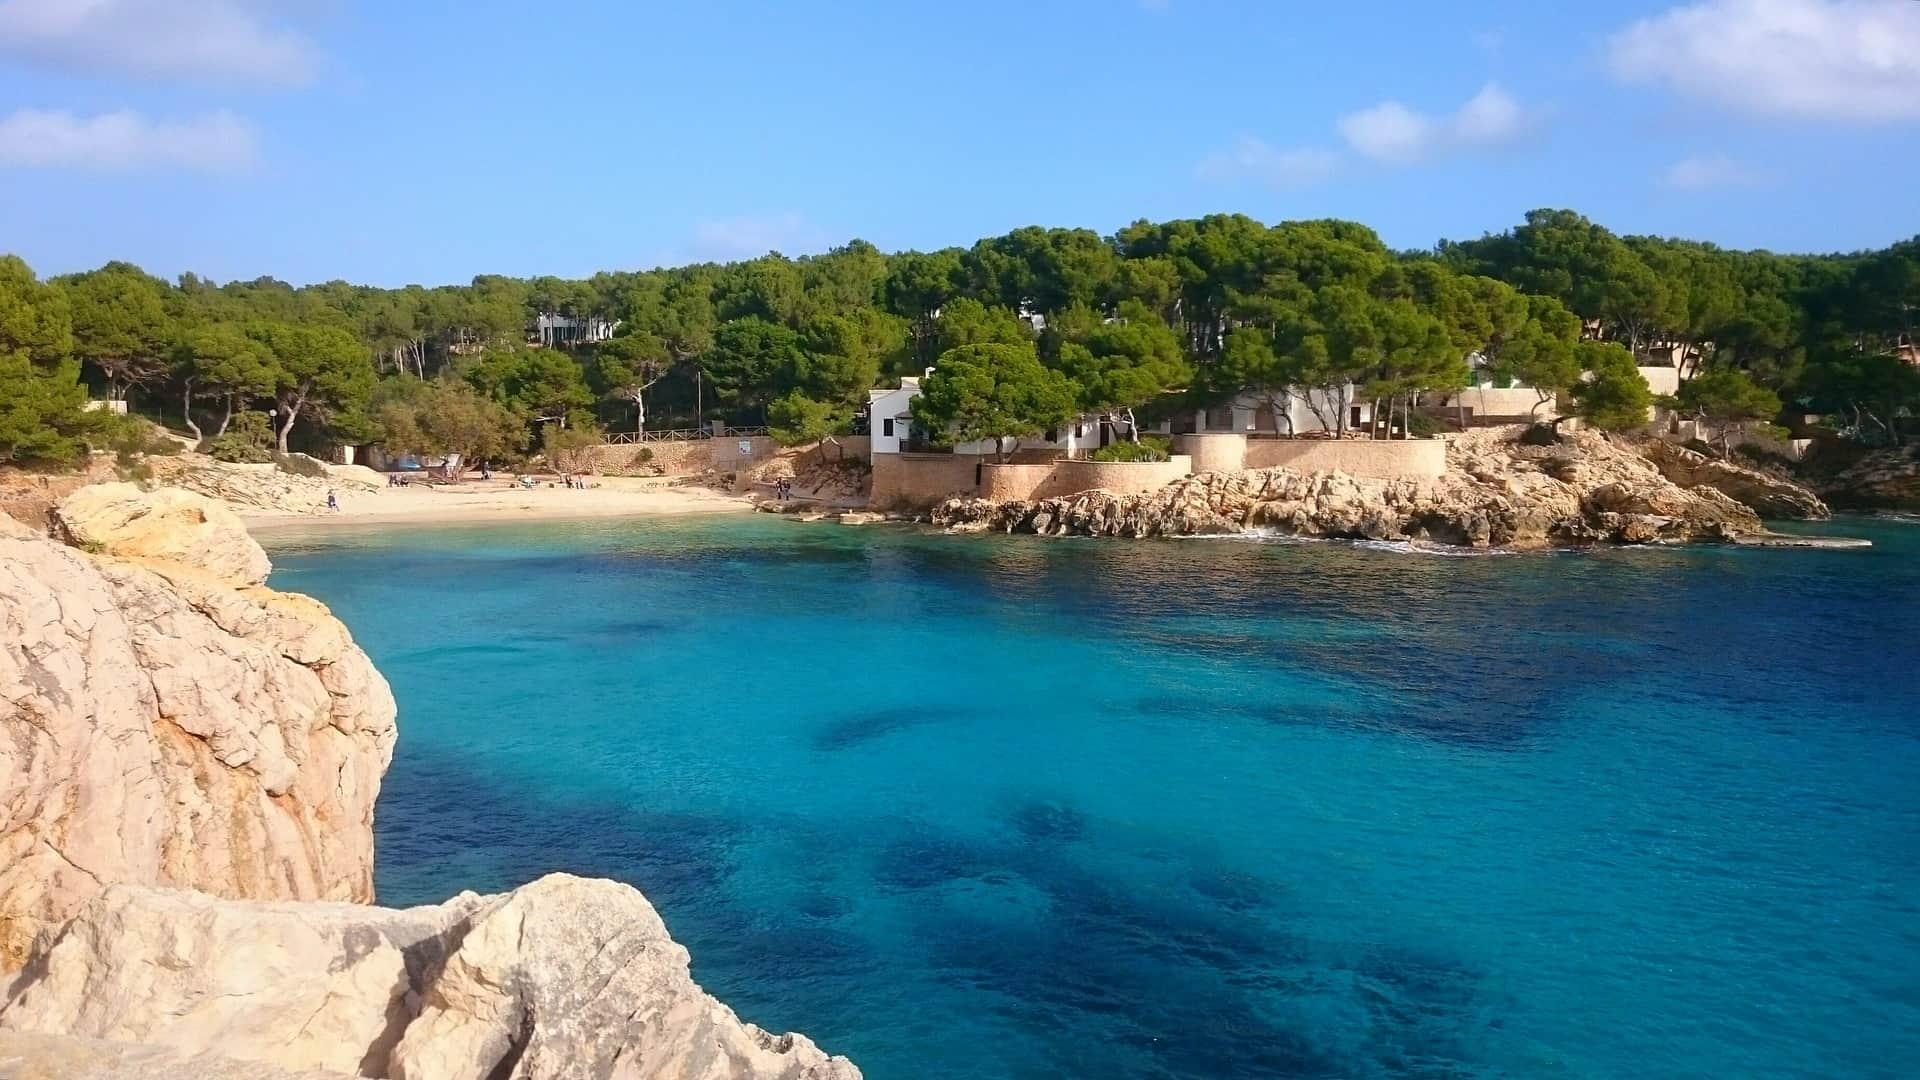 Das beliebteste Reiseziel 2019 Mallorca